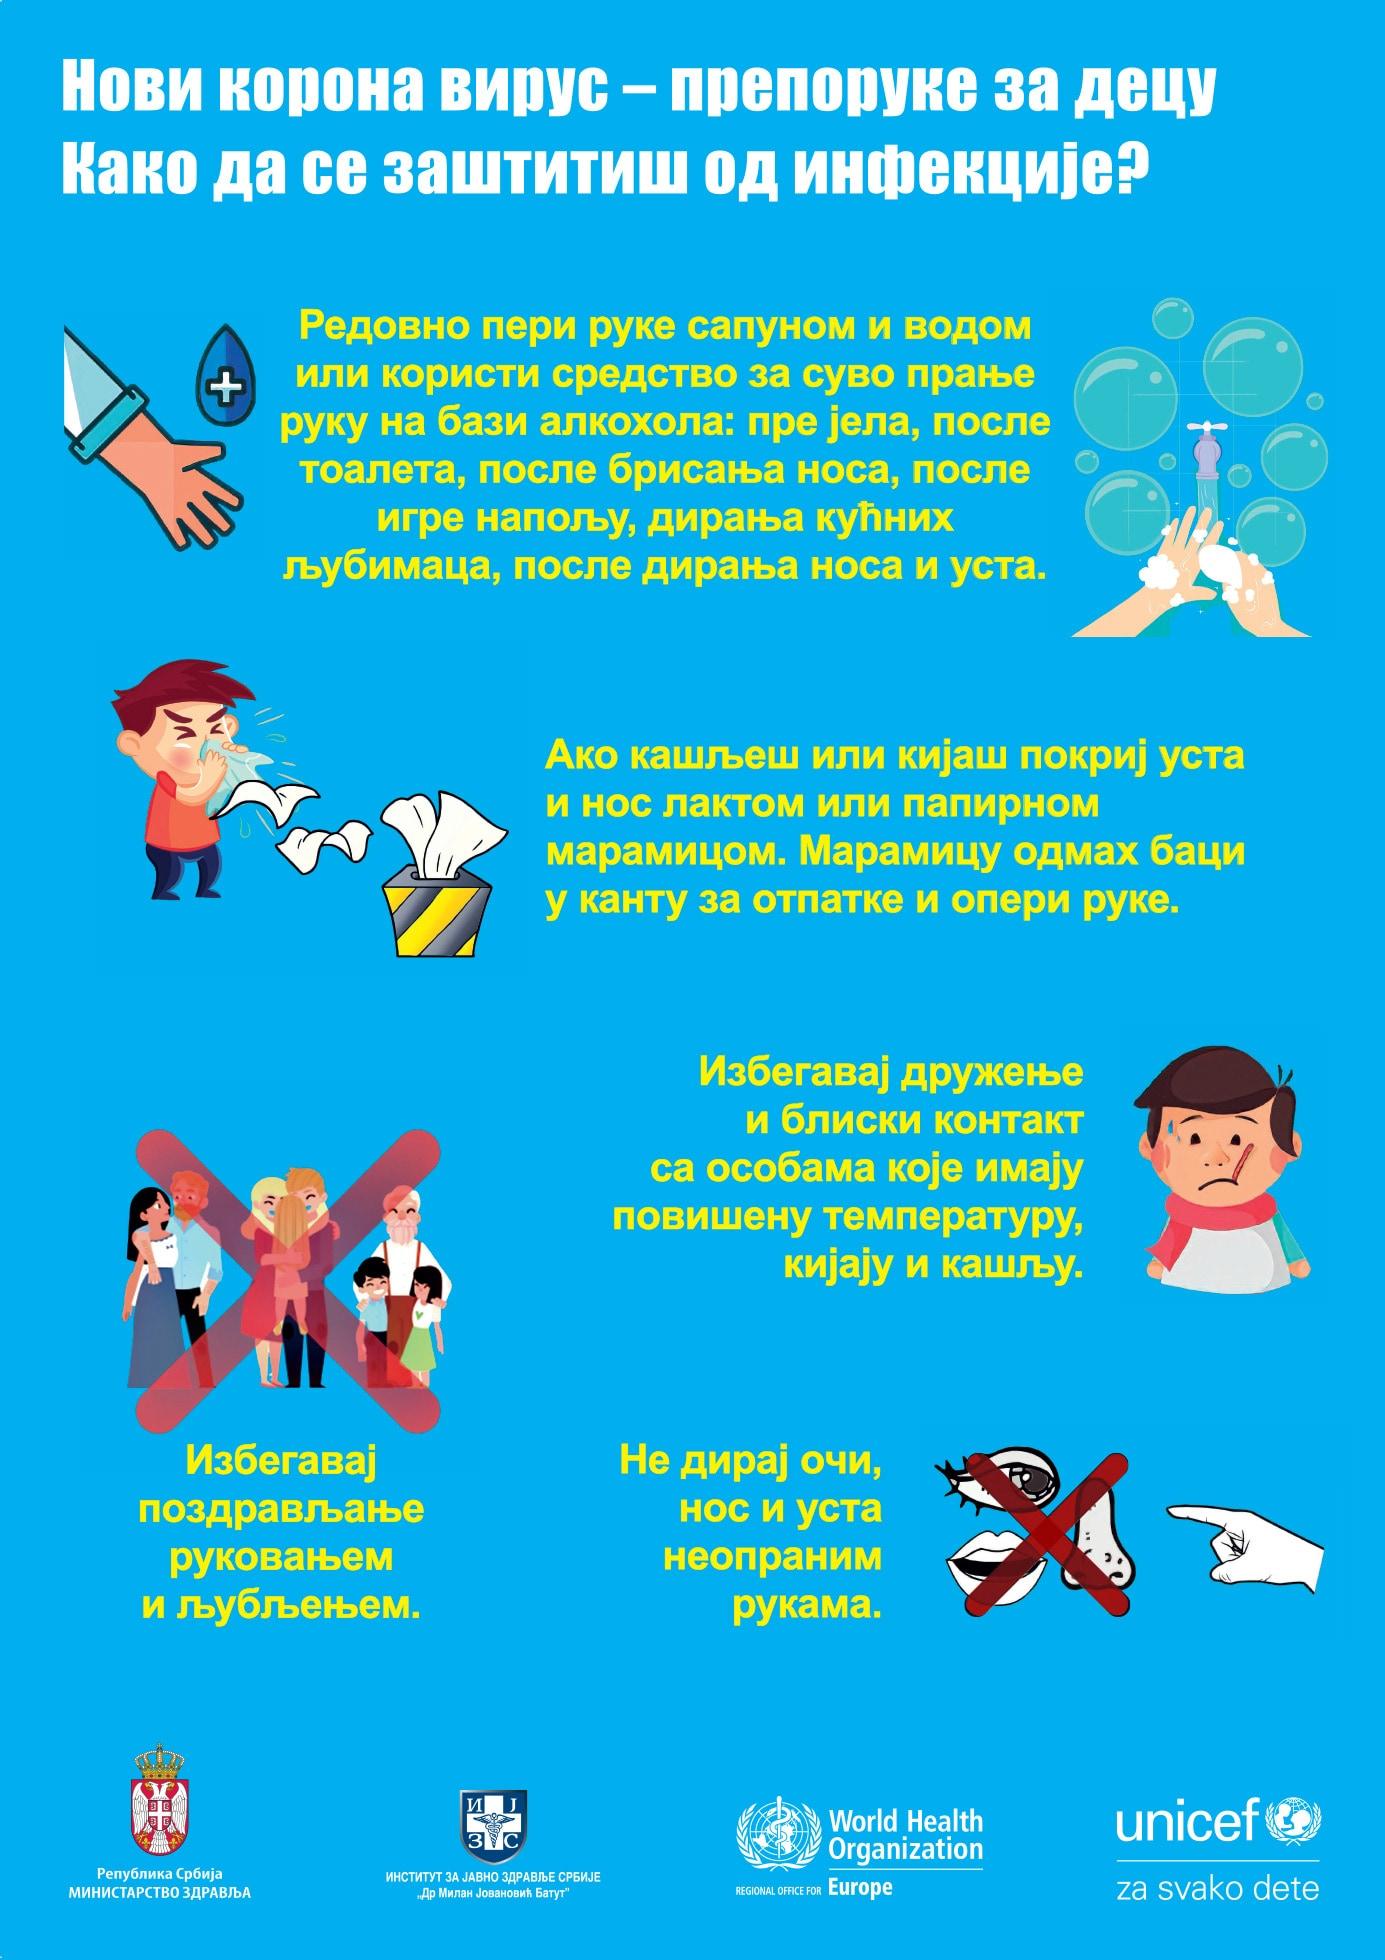 Kako da se zaštitiš od infekcije? 1